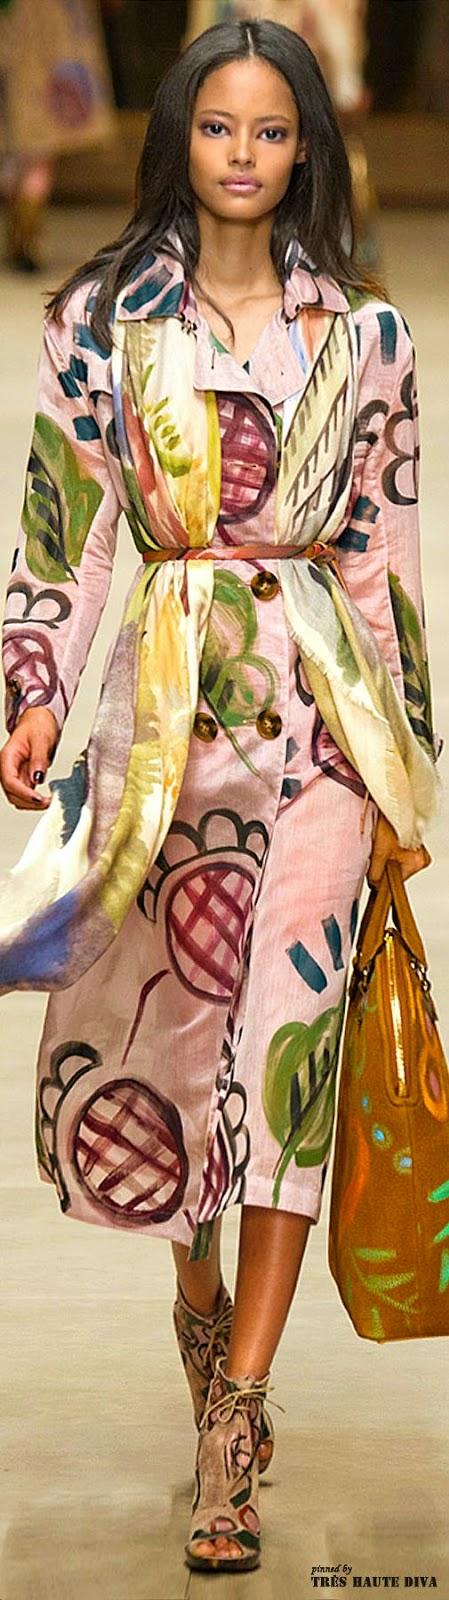 Maneiras originais de usar lenços e écharpes